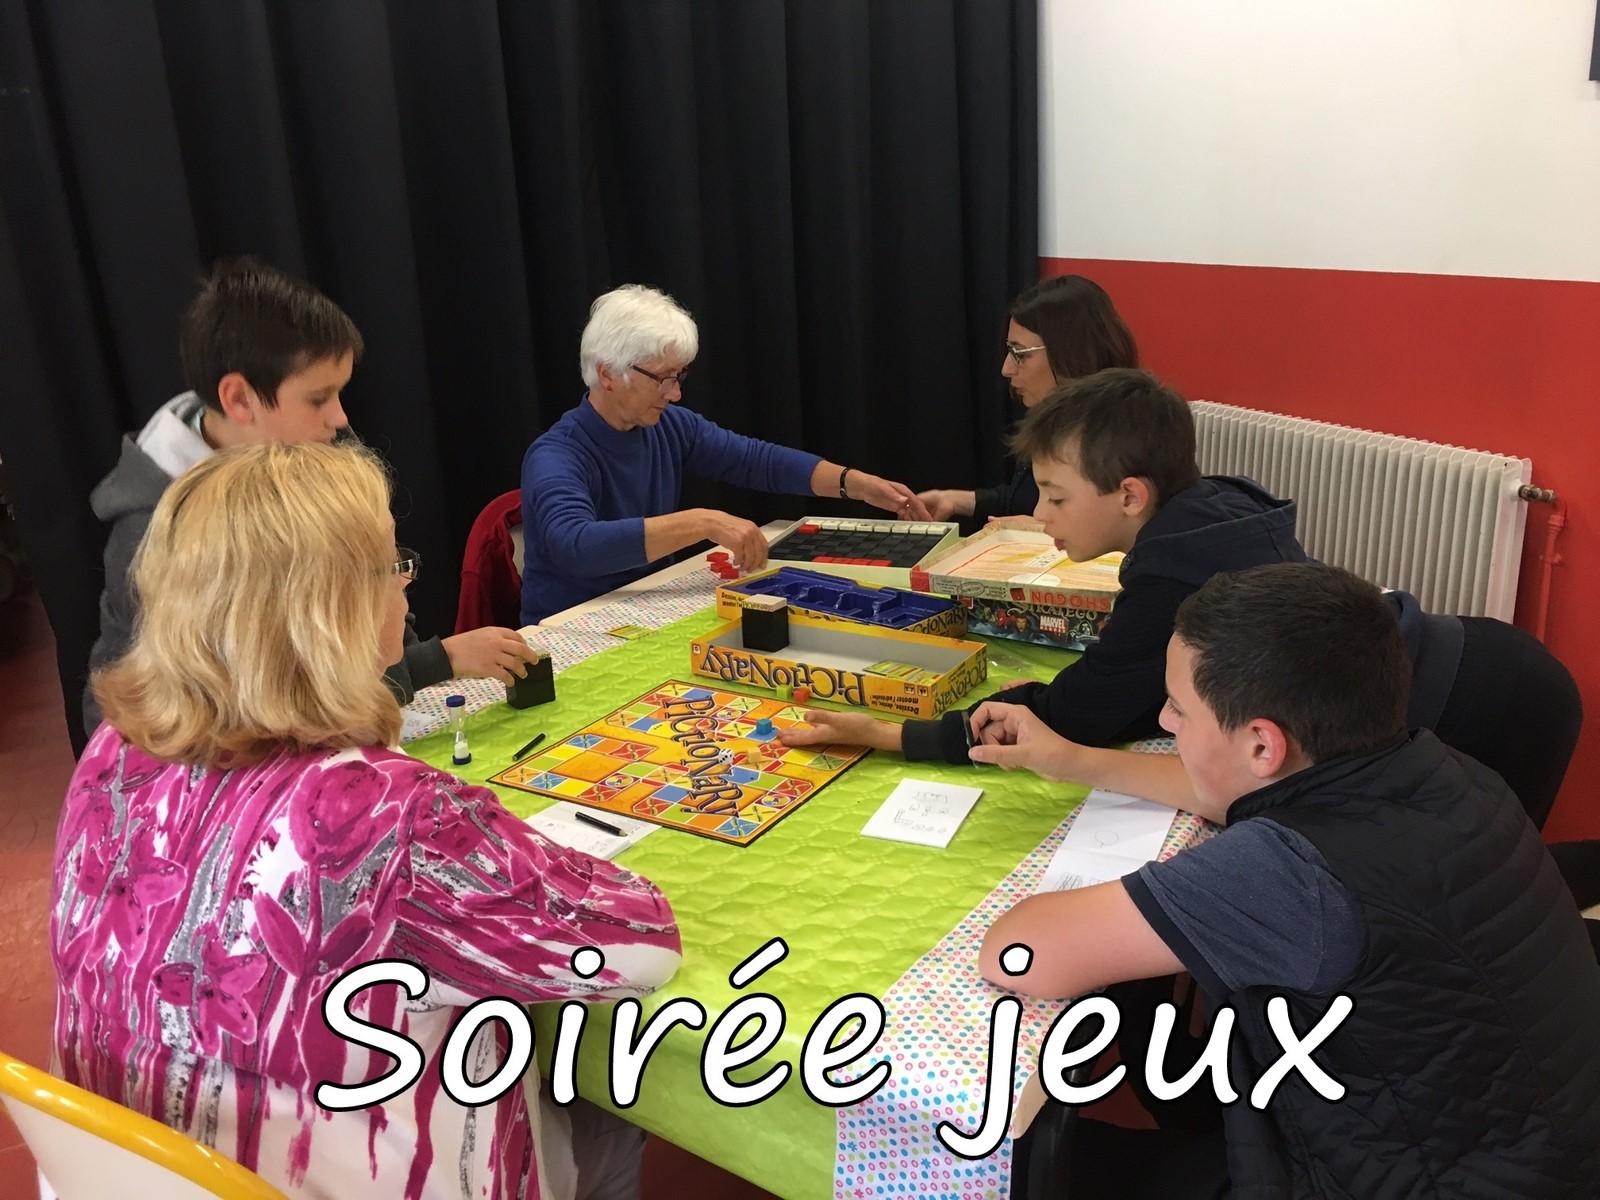 Soiree-Jeux-3